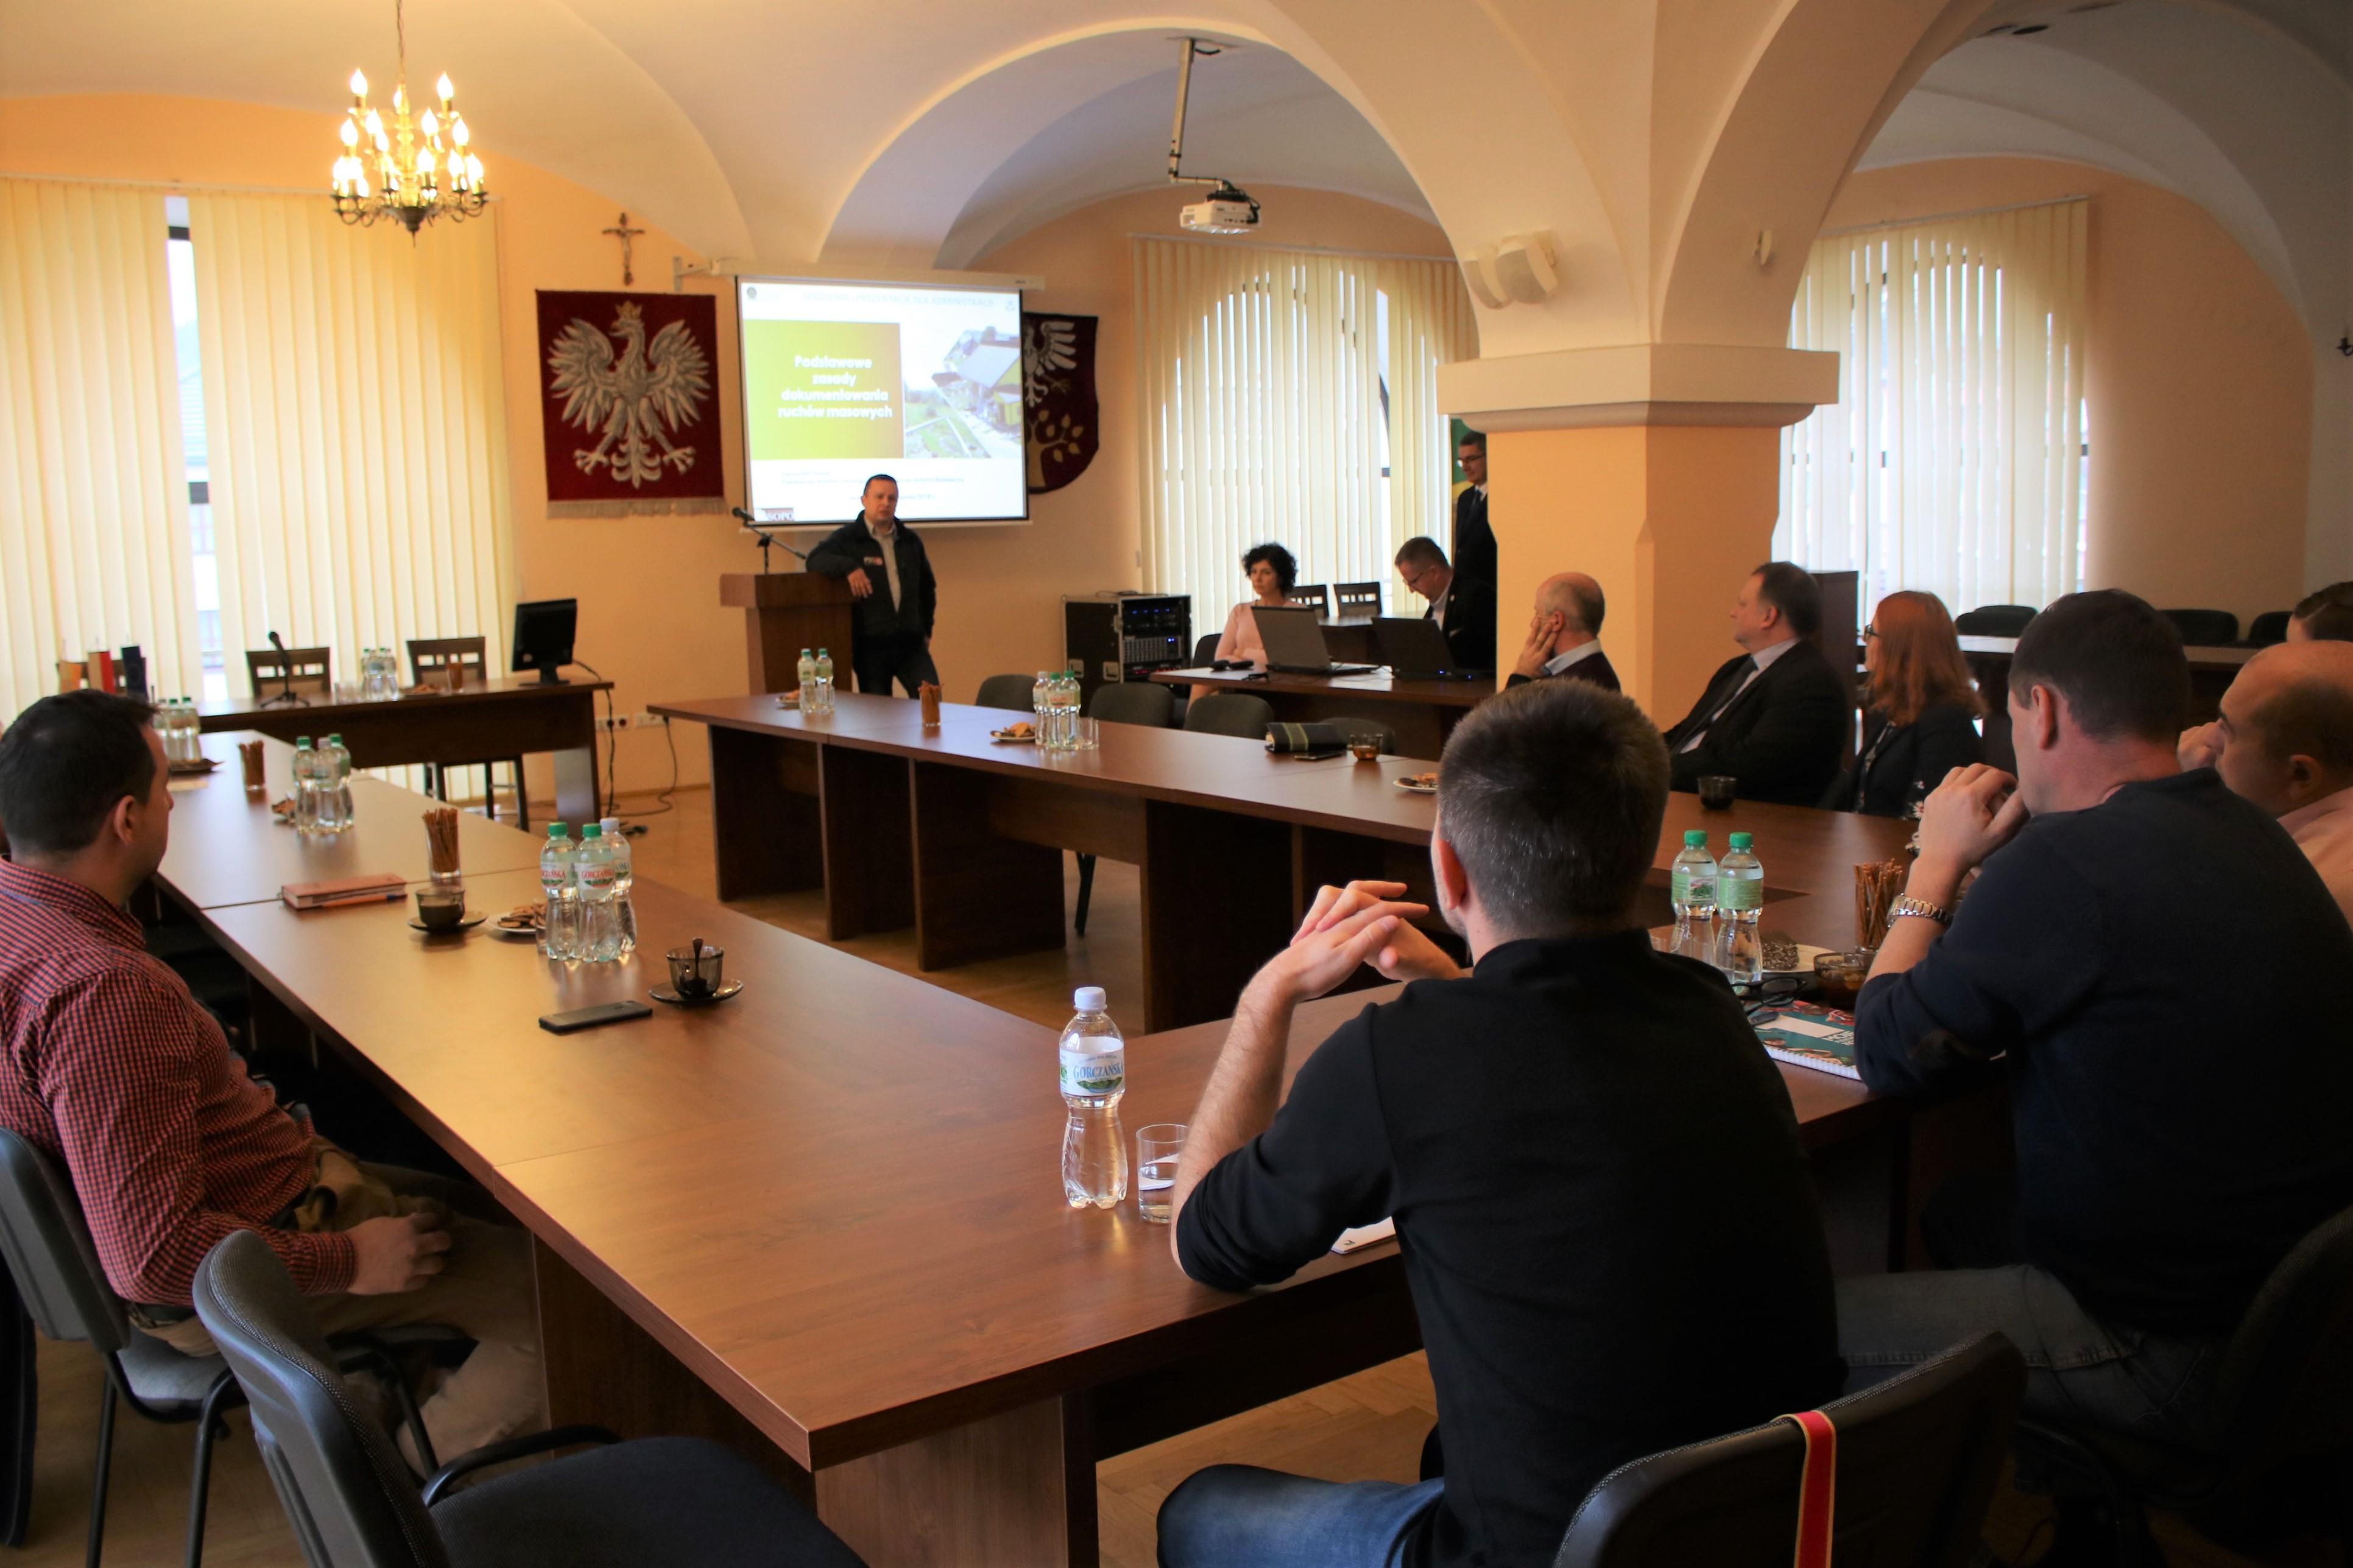 szkolenie w starostwie powiatowym